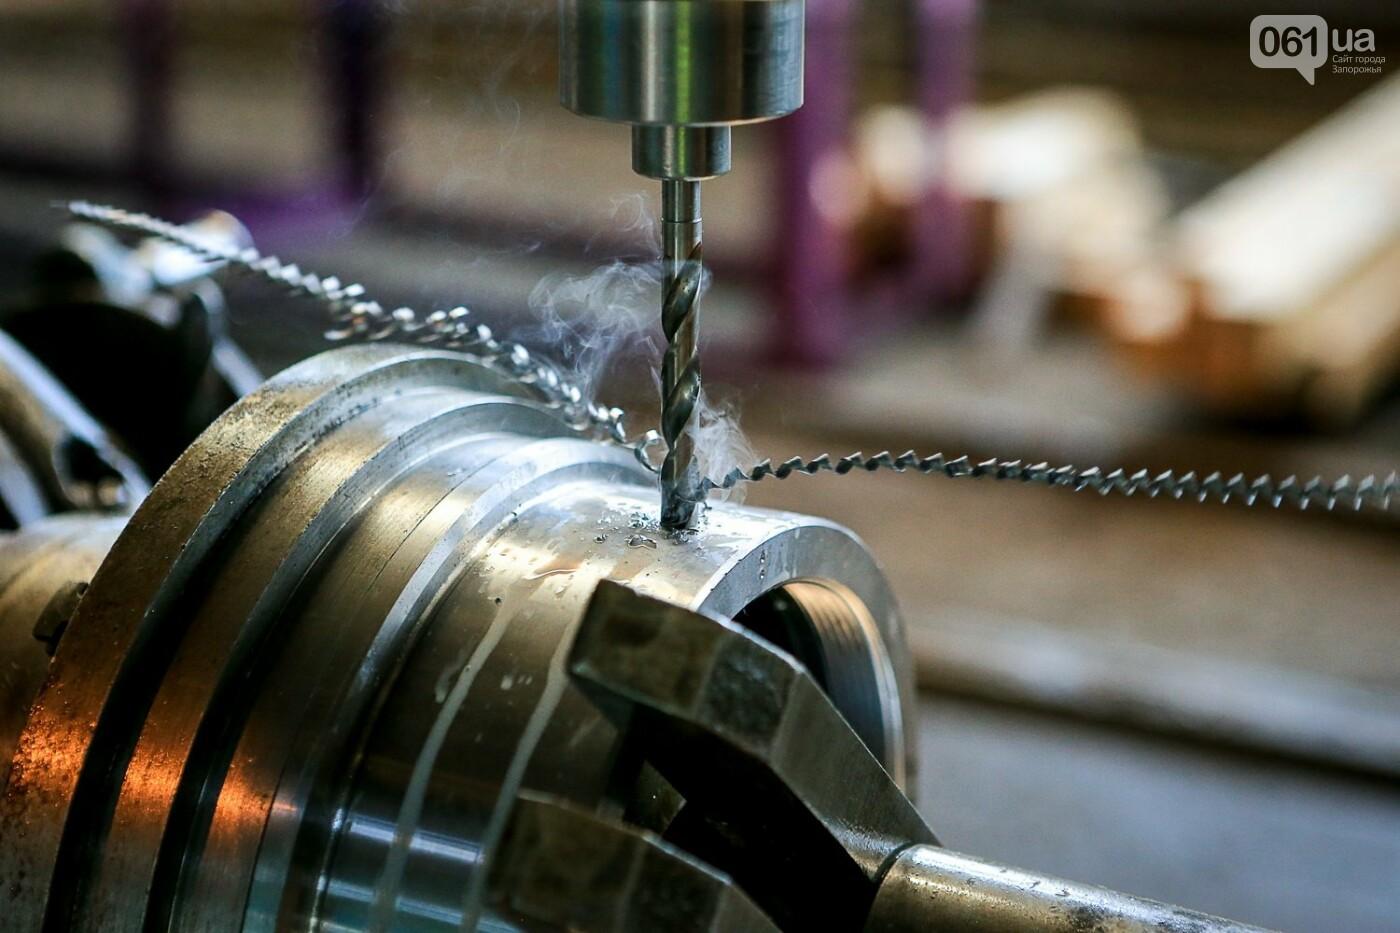 Как в Запорожье работает крупнейший в Европе завод по производству кранов: экскурсия на производство, — ФОТОРЕПОРТАЖ, фото-40